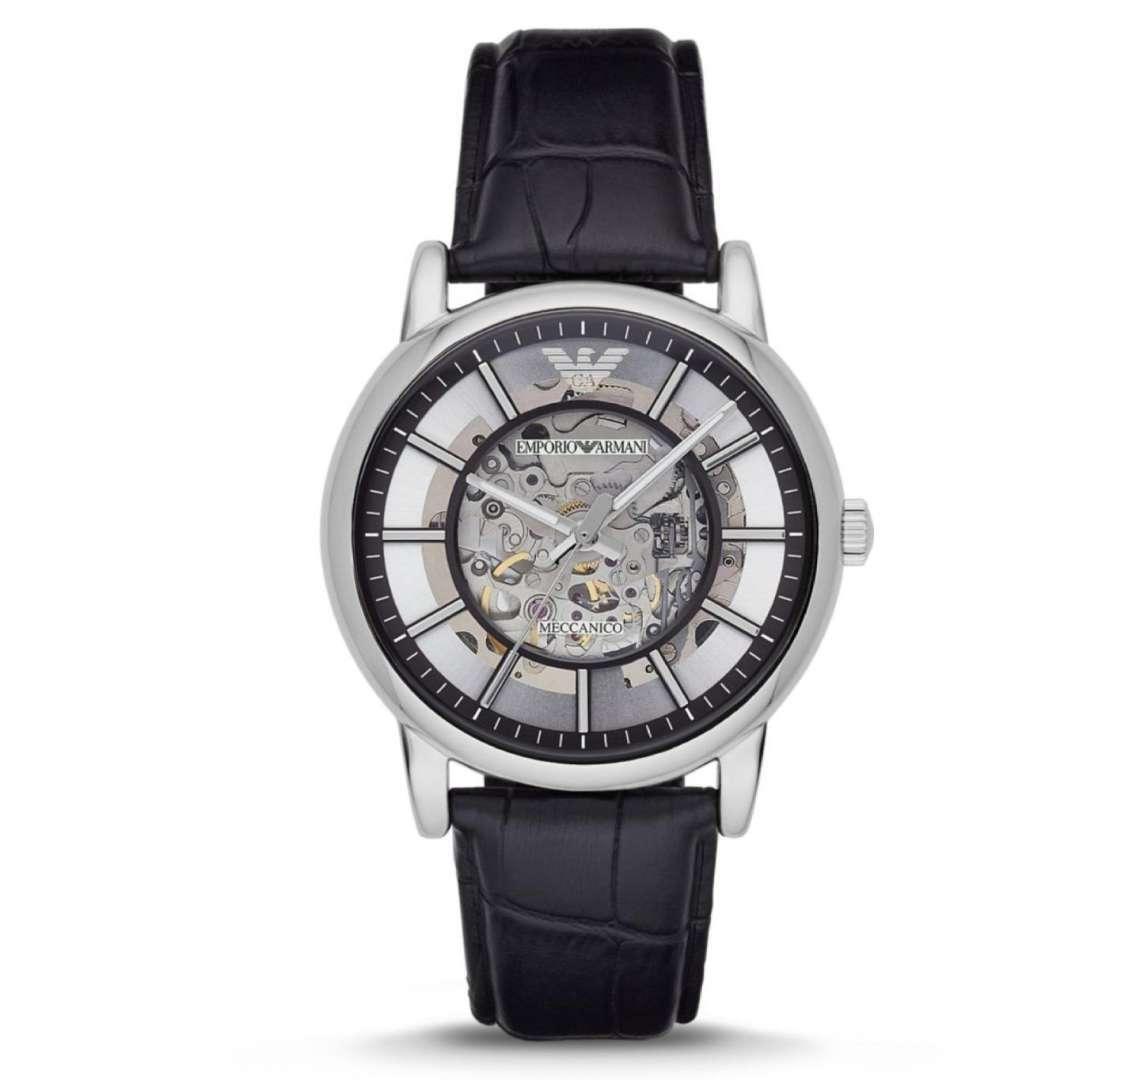 שעון יד אנלוגי לגבר emporio armani ar1981 אמפוריו ארמני